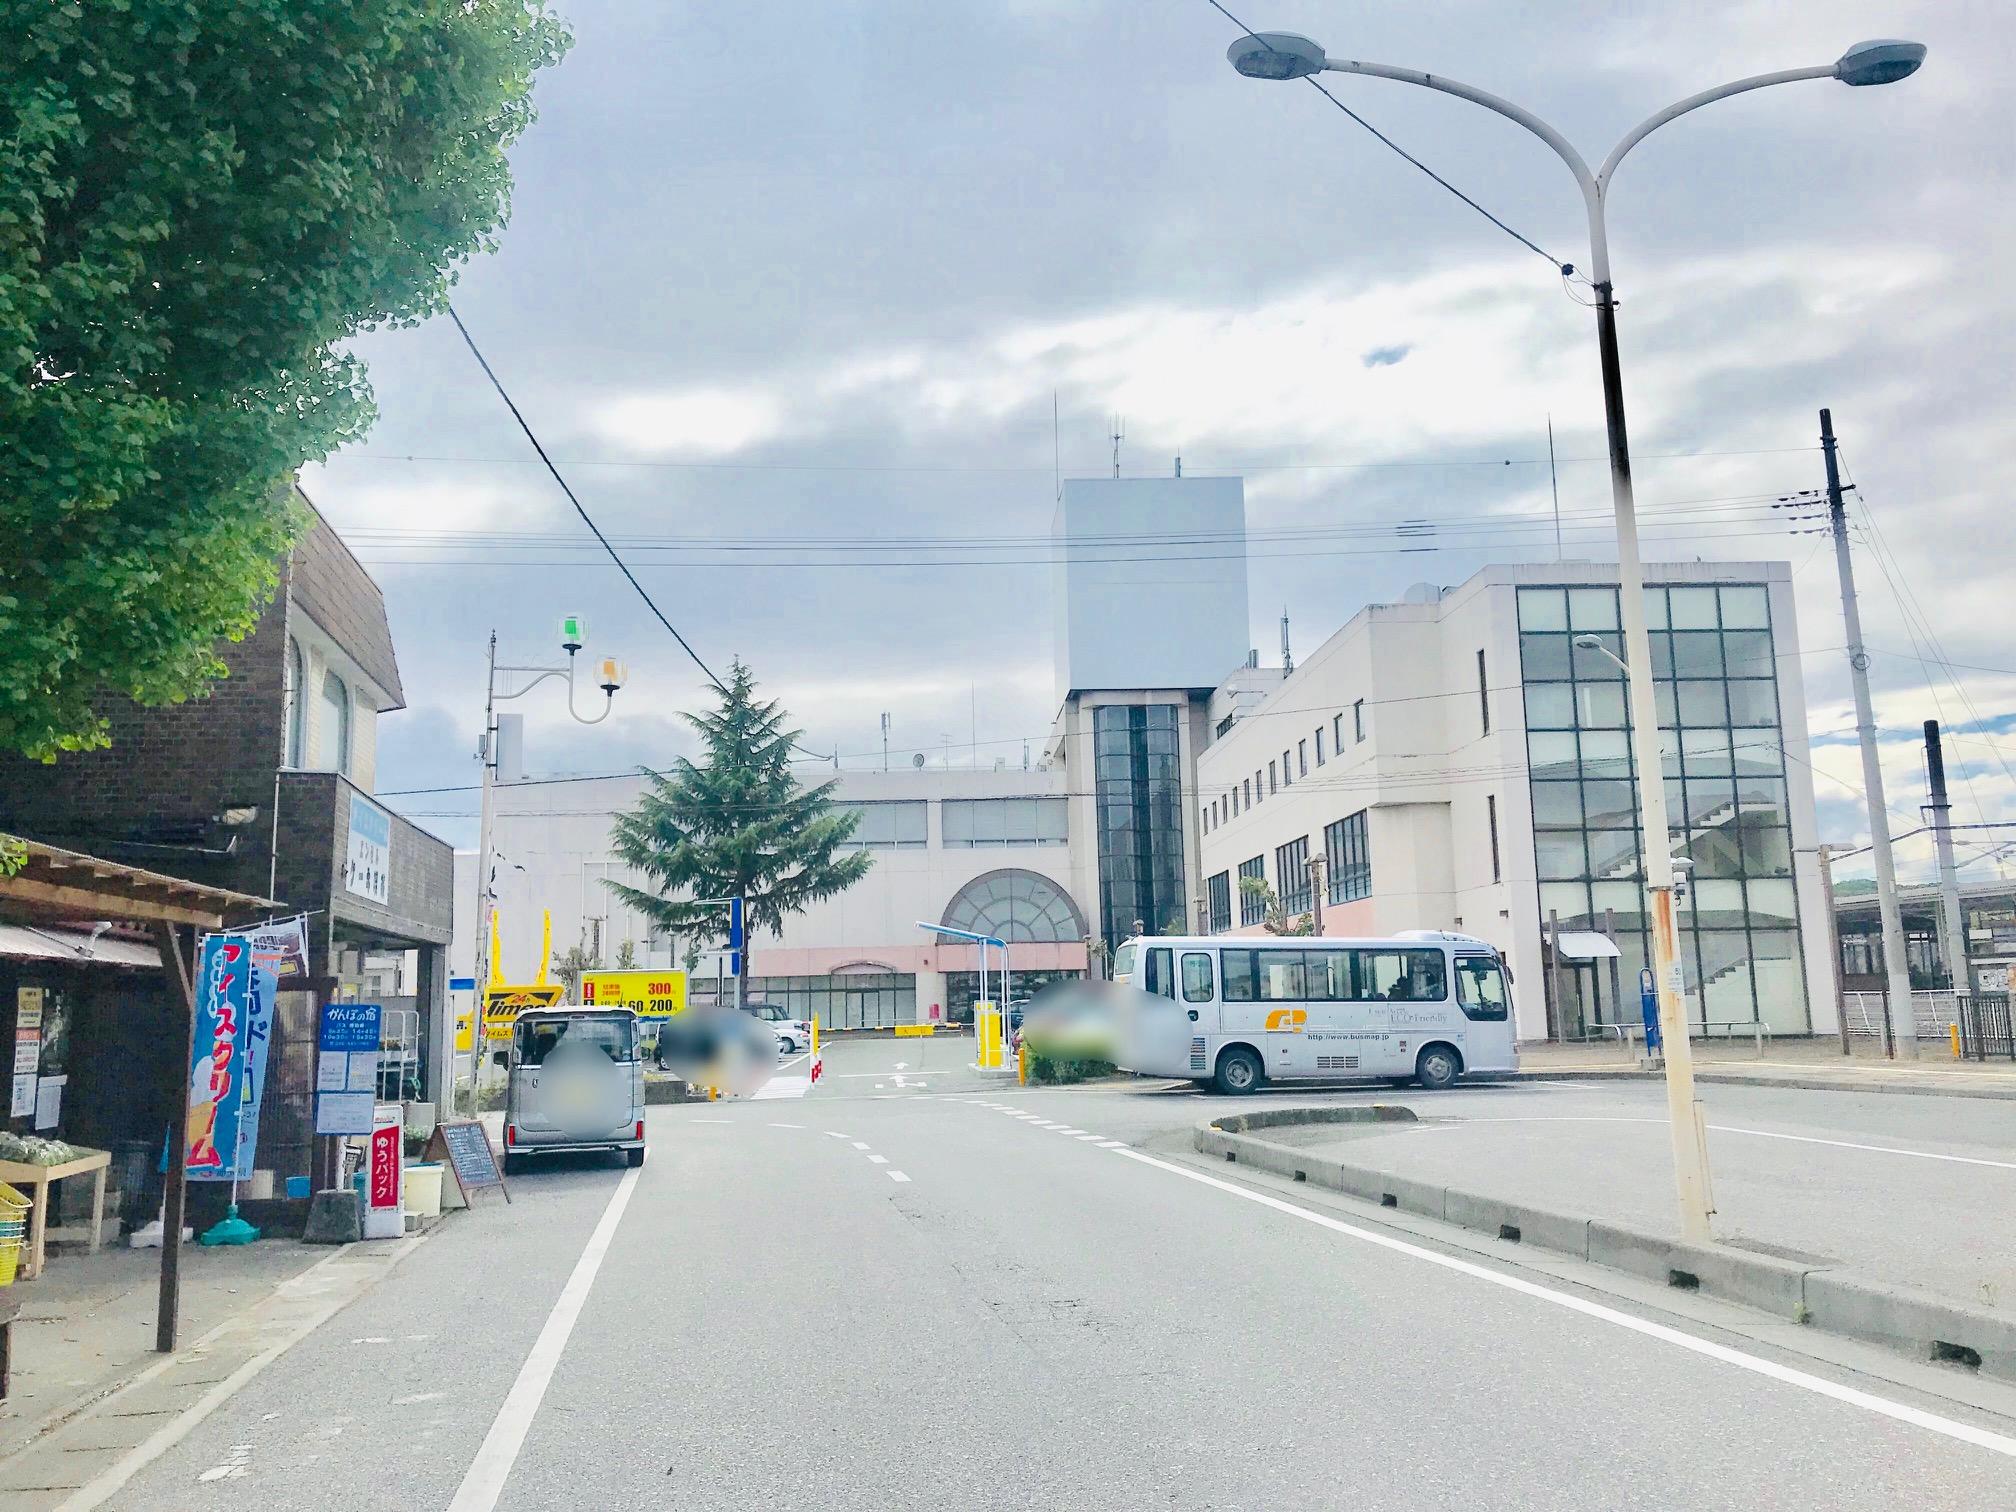 場所は寄居駅南口ロータリーの西側 △ △ コチラとは逆側に行くと以前記事にした「今井屋」があります。